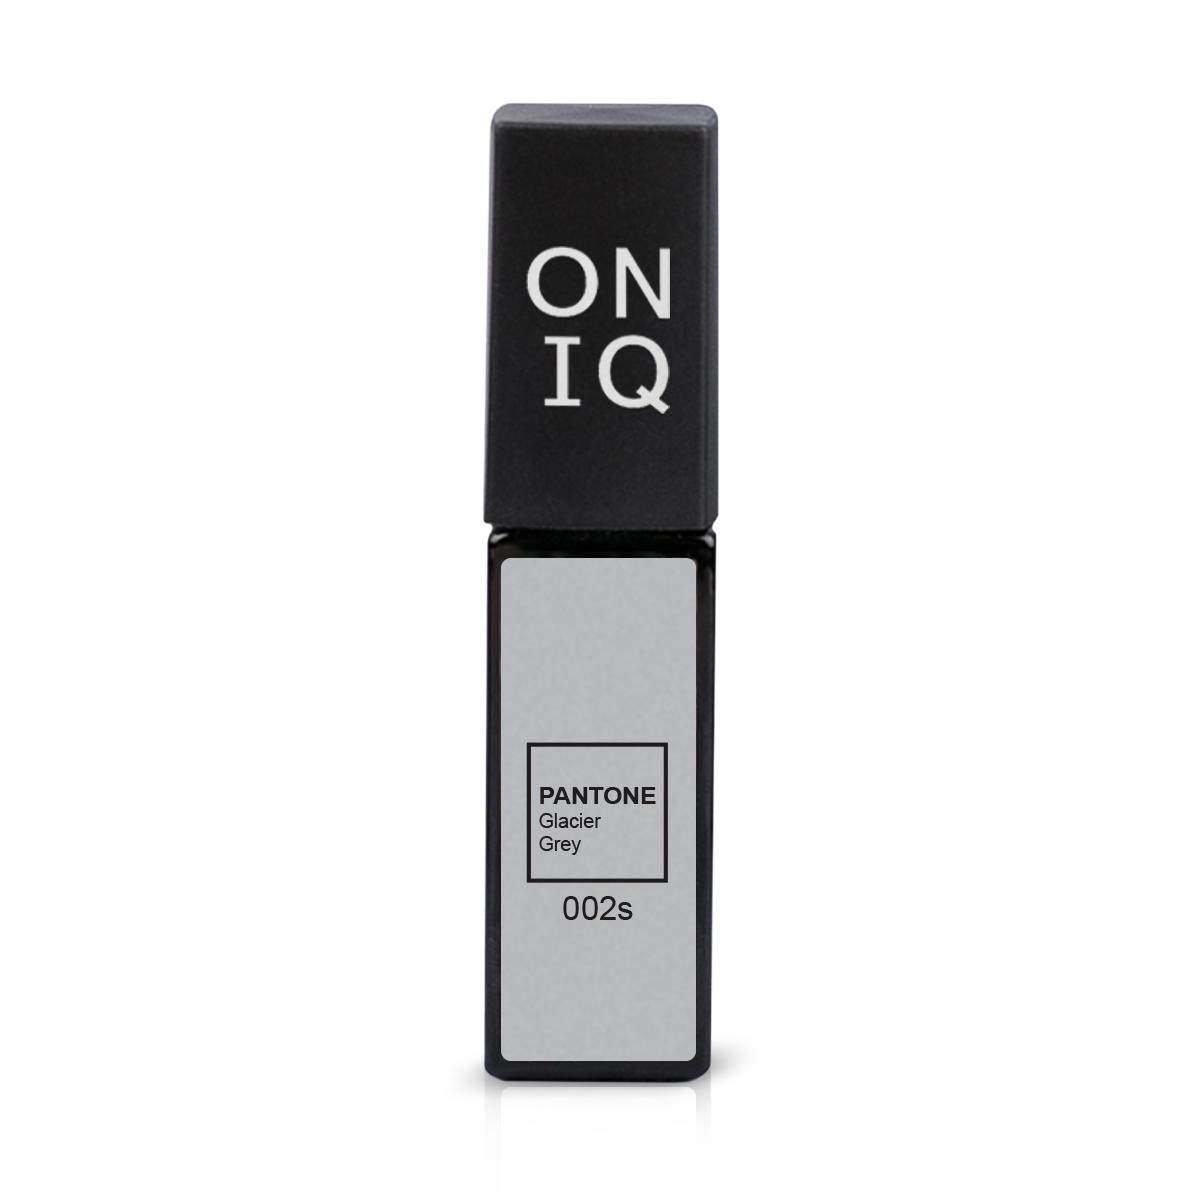 ONIQ Гель-лак для покрытия ногтей, Pantone: Glacier grey, 6 мл